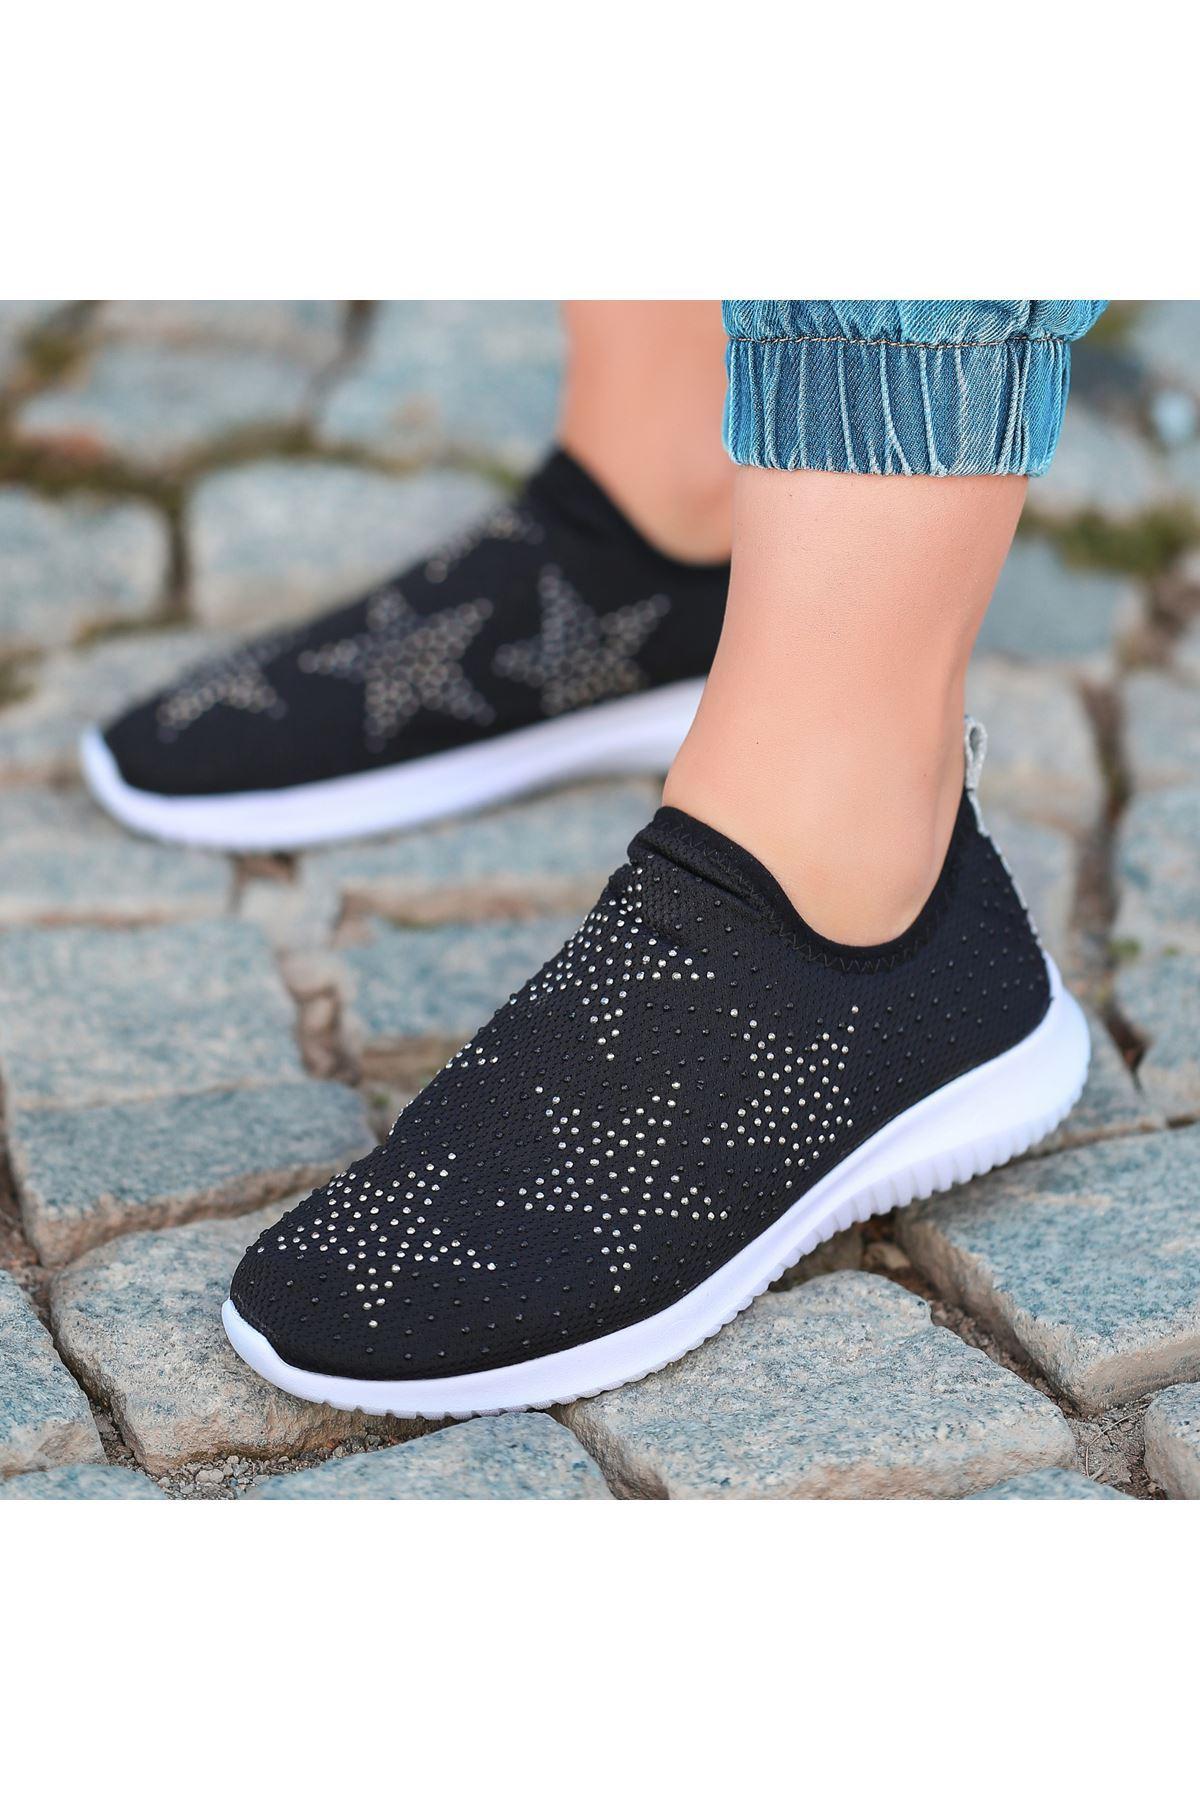 Stin Siyah Yıldızlı Boncuk İşlemeli Spor Ayakkabı